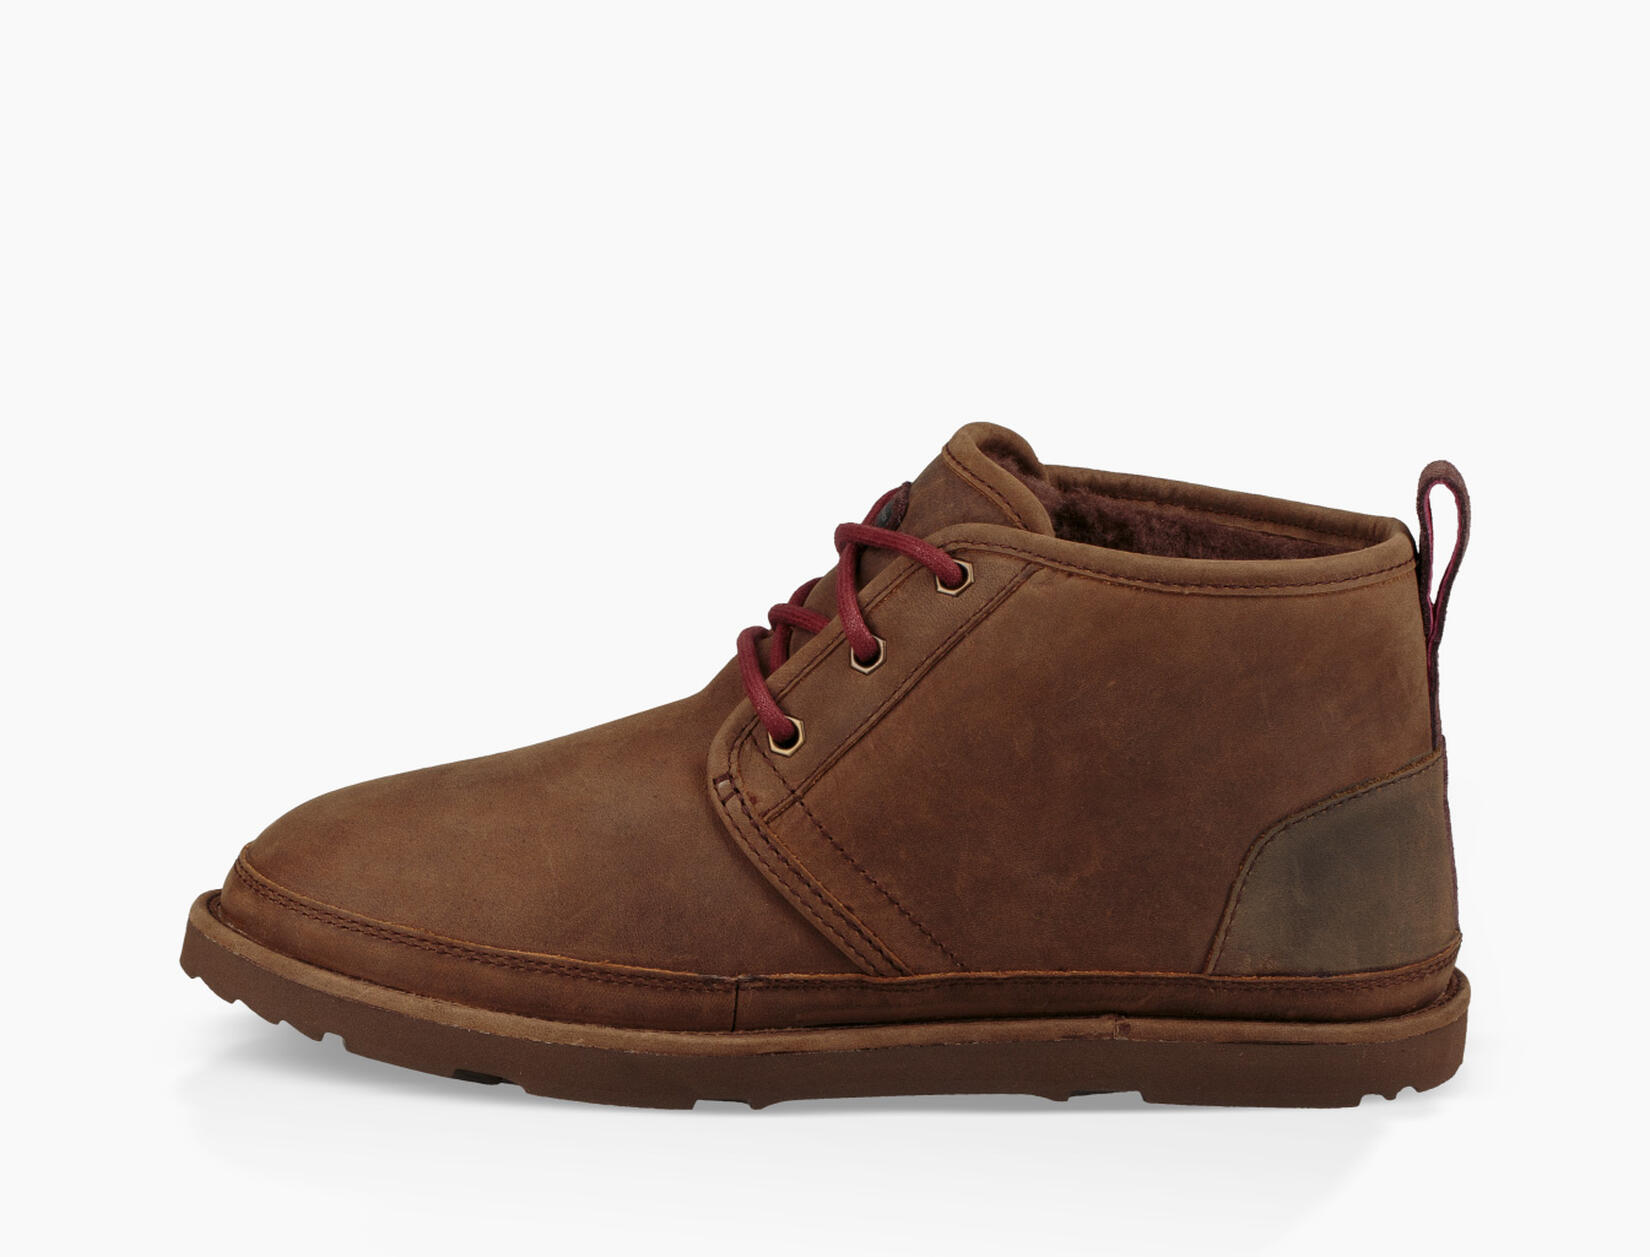 Neumel Waterproof Boot